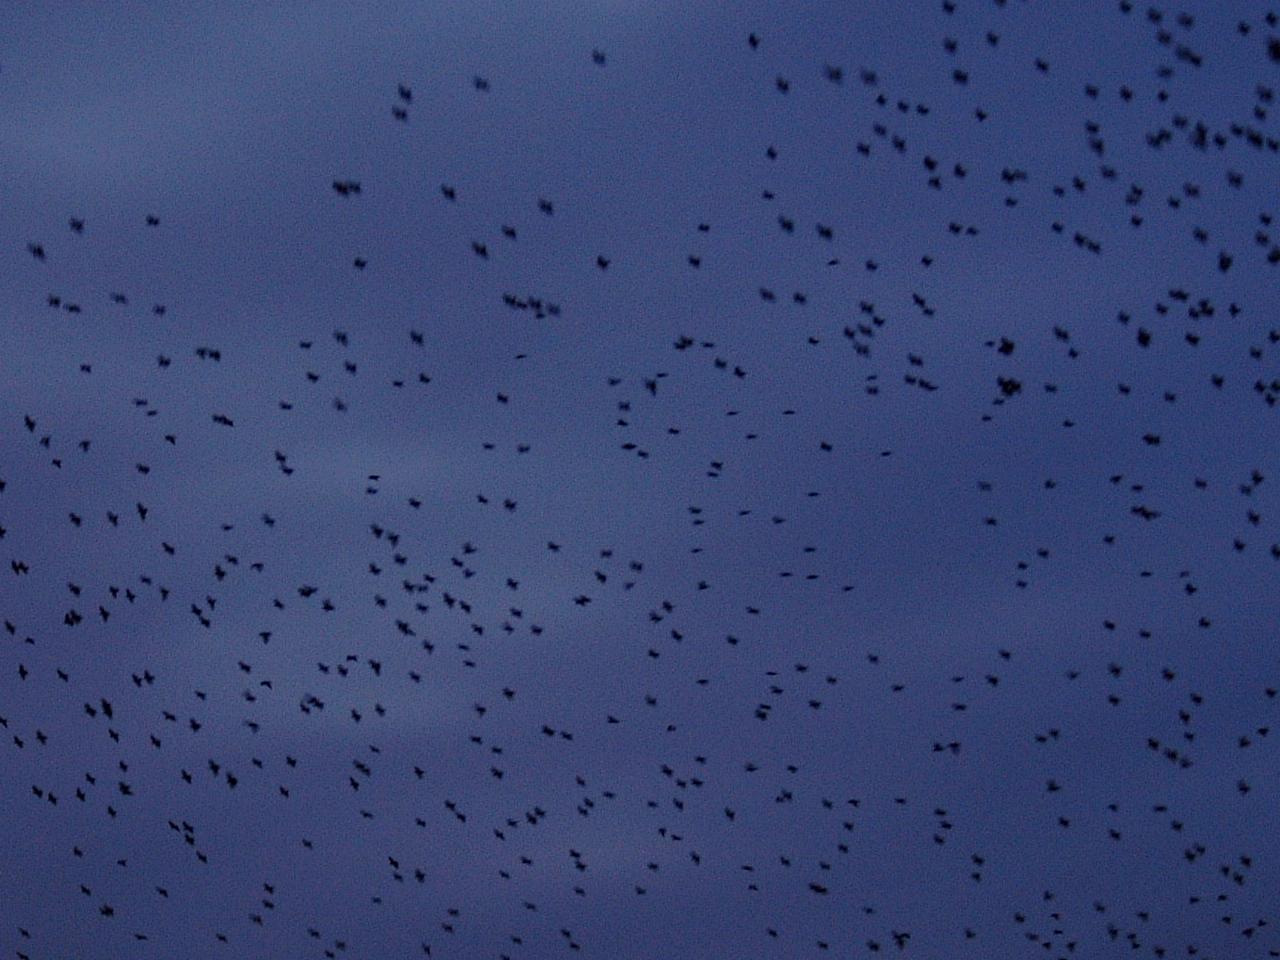 maartent flock of birds flying dark evening swarm